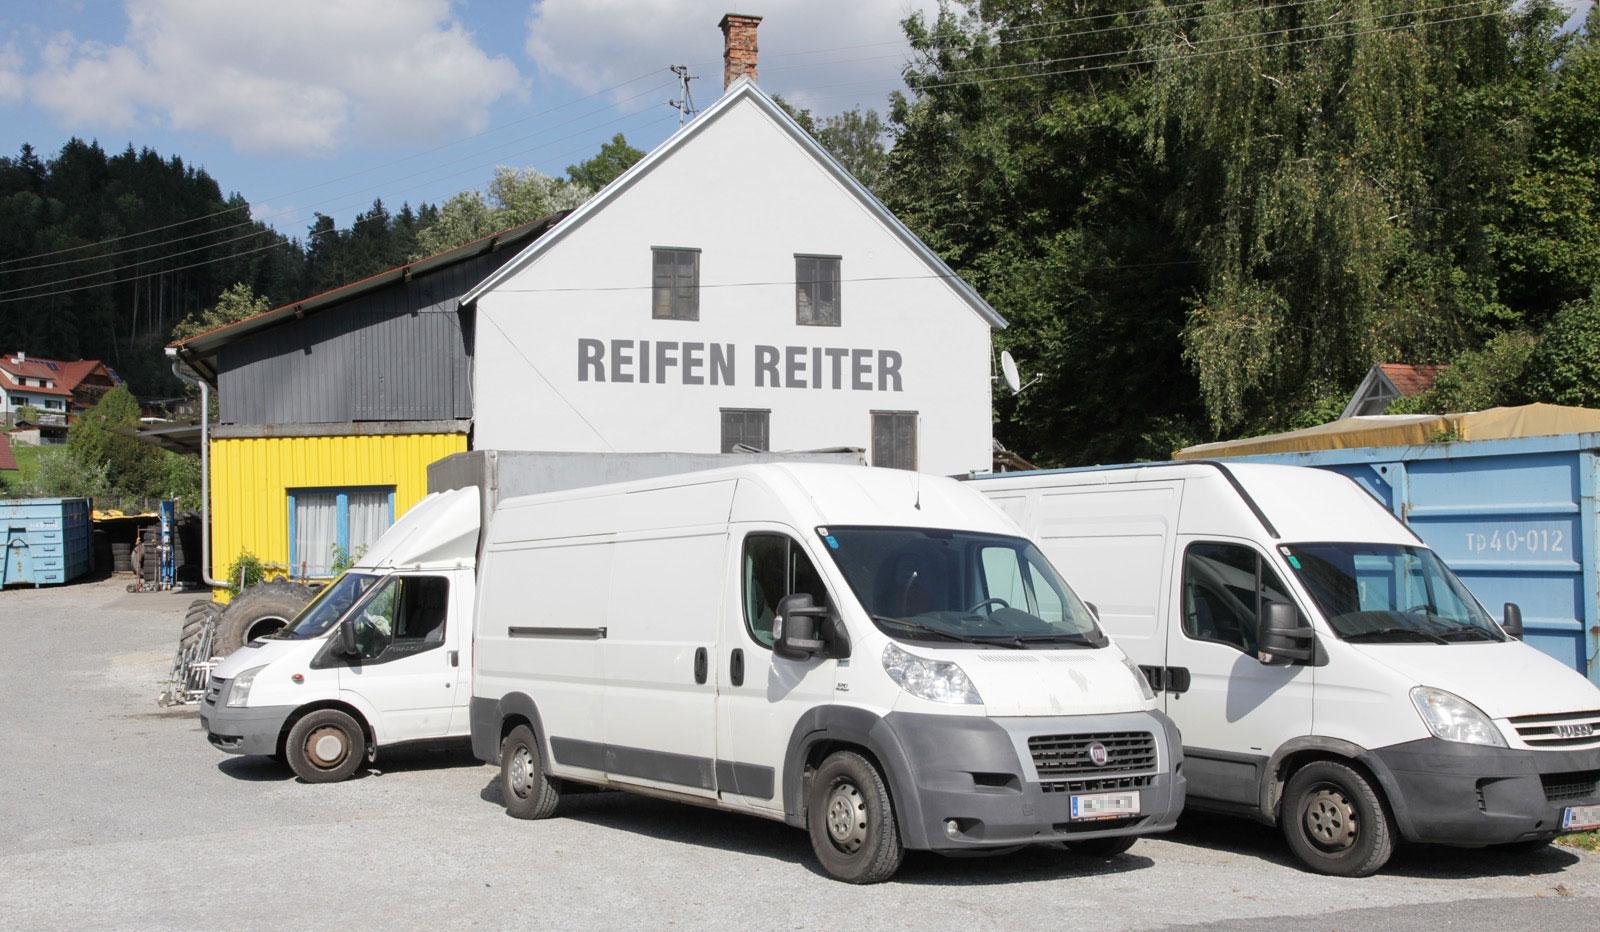 http://www.reifenreiter.at/data/image/thumpnail/image.php?image=231/reifenreiter_at_ansicht_article_4261_0.jpg